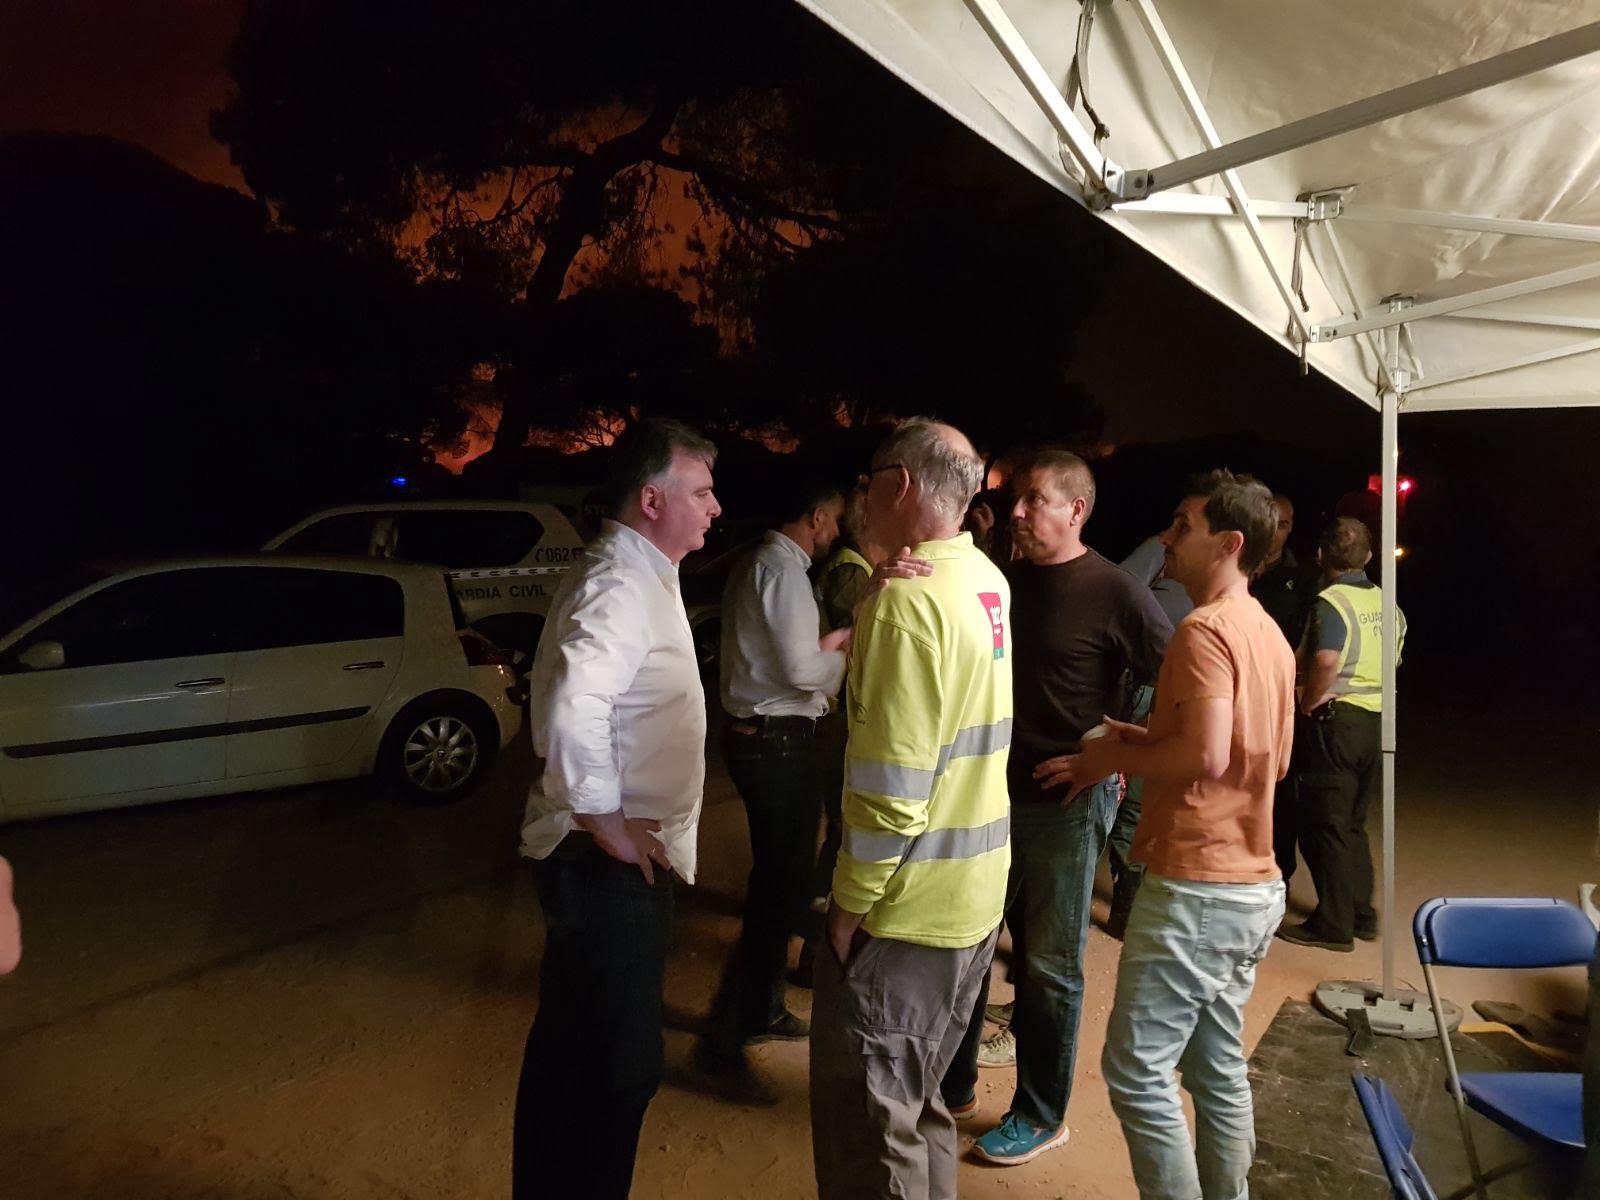 El delegado de la Junta de Andalucia asume la coordinación de todos los dispostivos desde el Puesto de Mando Avanzado, cerca de donde están ya las llamas.